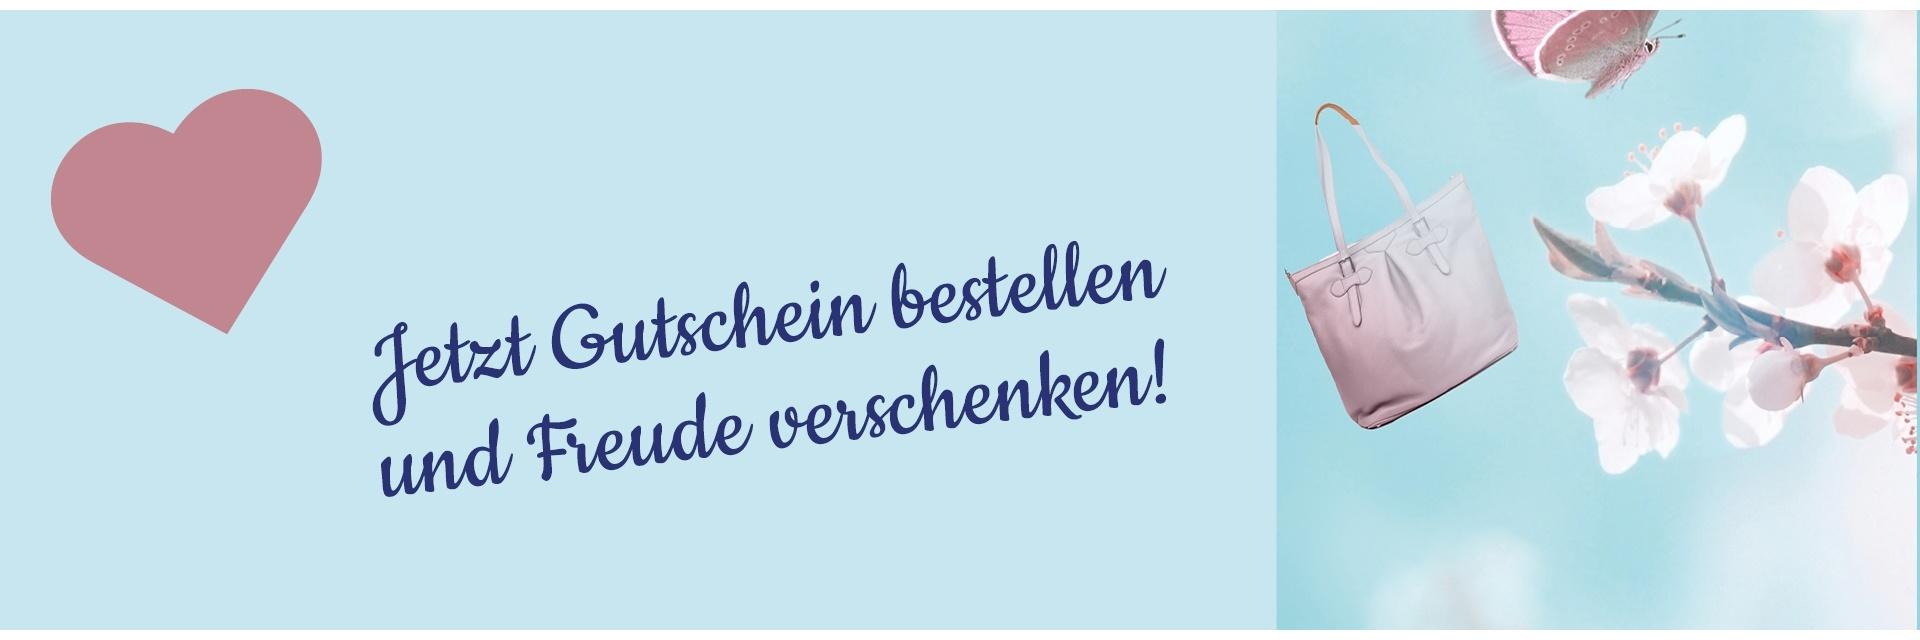 Gutschein_Motiv_1